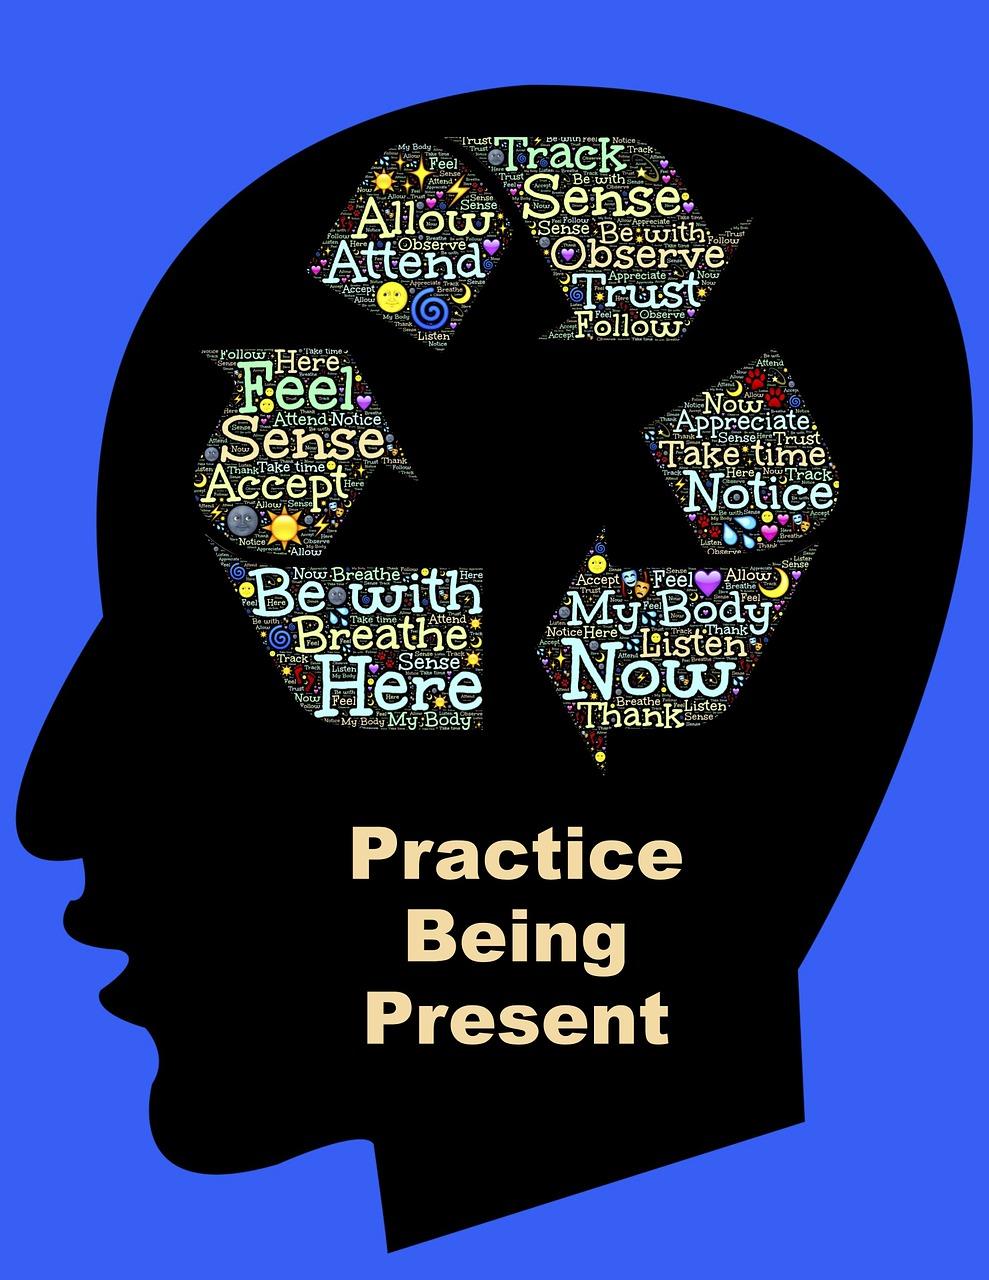 Networking Skills, Aufmerksamkeit, Wertschätzung, Netzwerken, Smalltalk